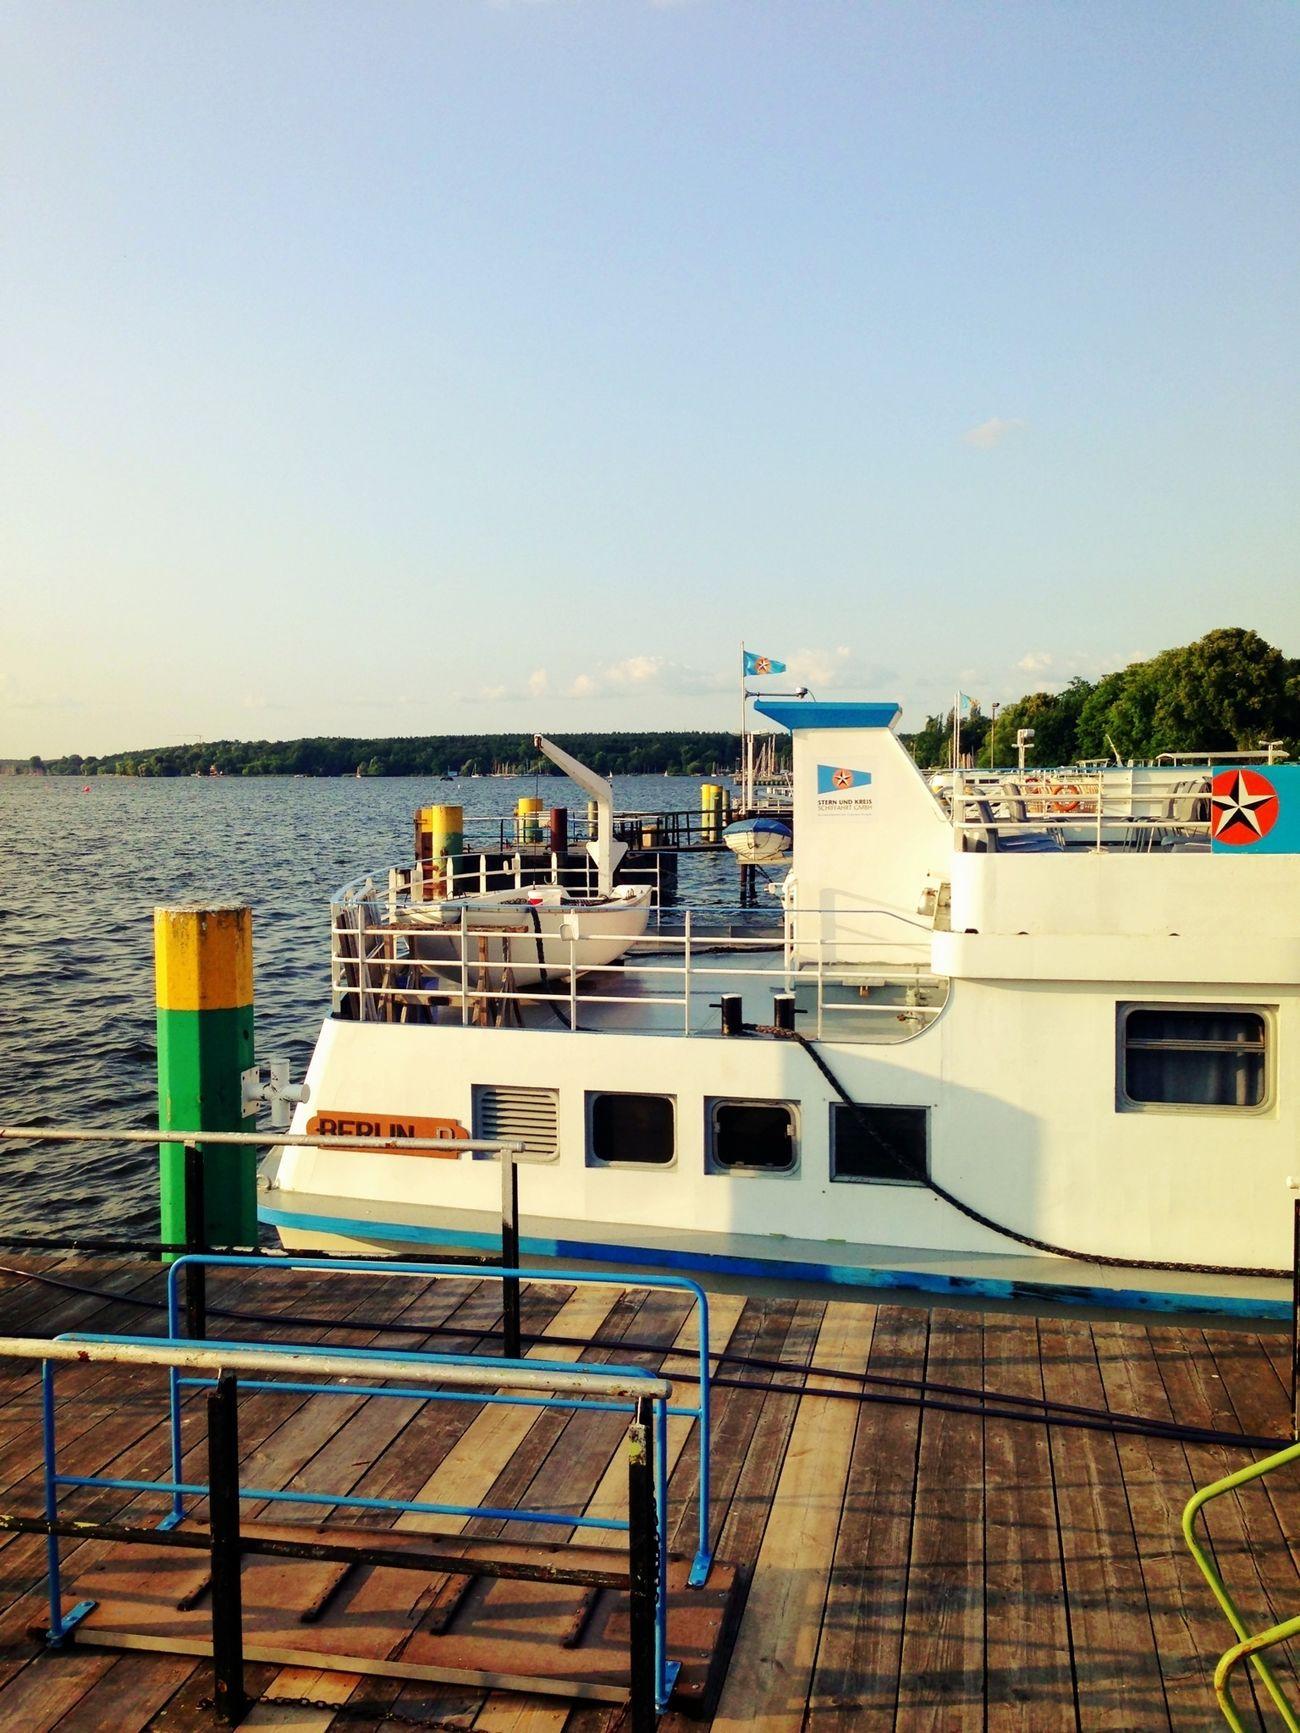 Watching Boats at EyeEm Potsdam Meetup